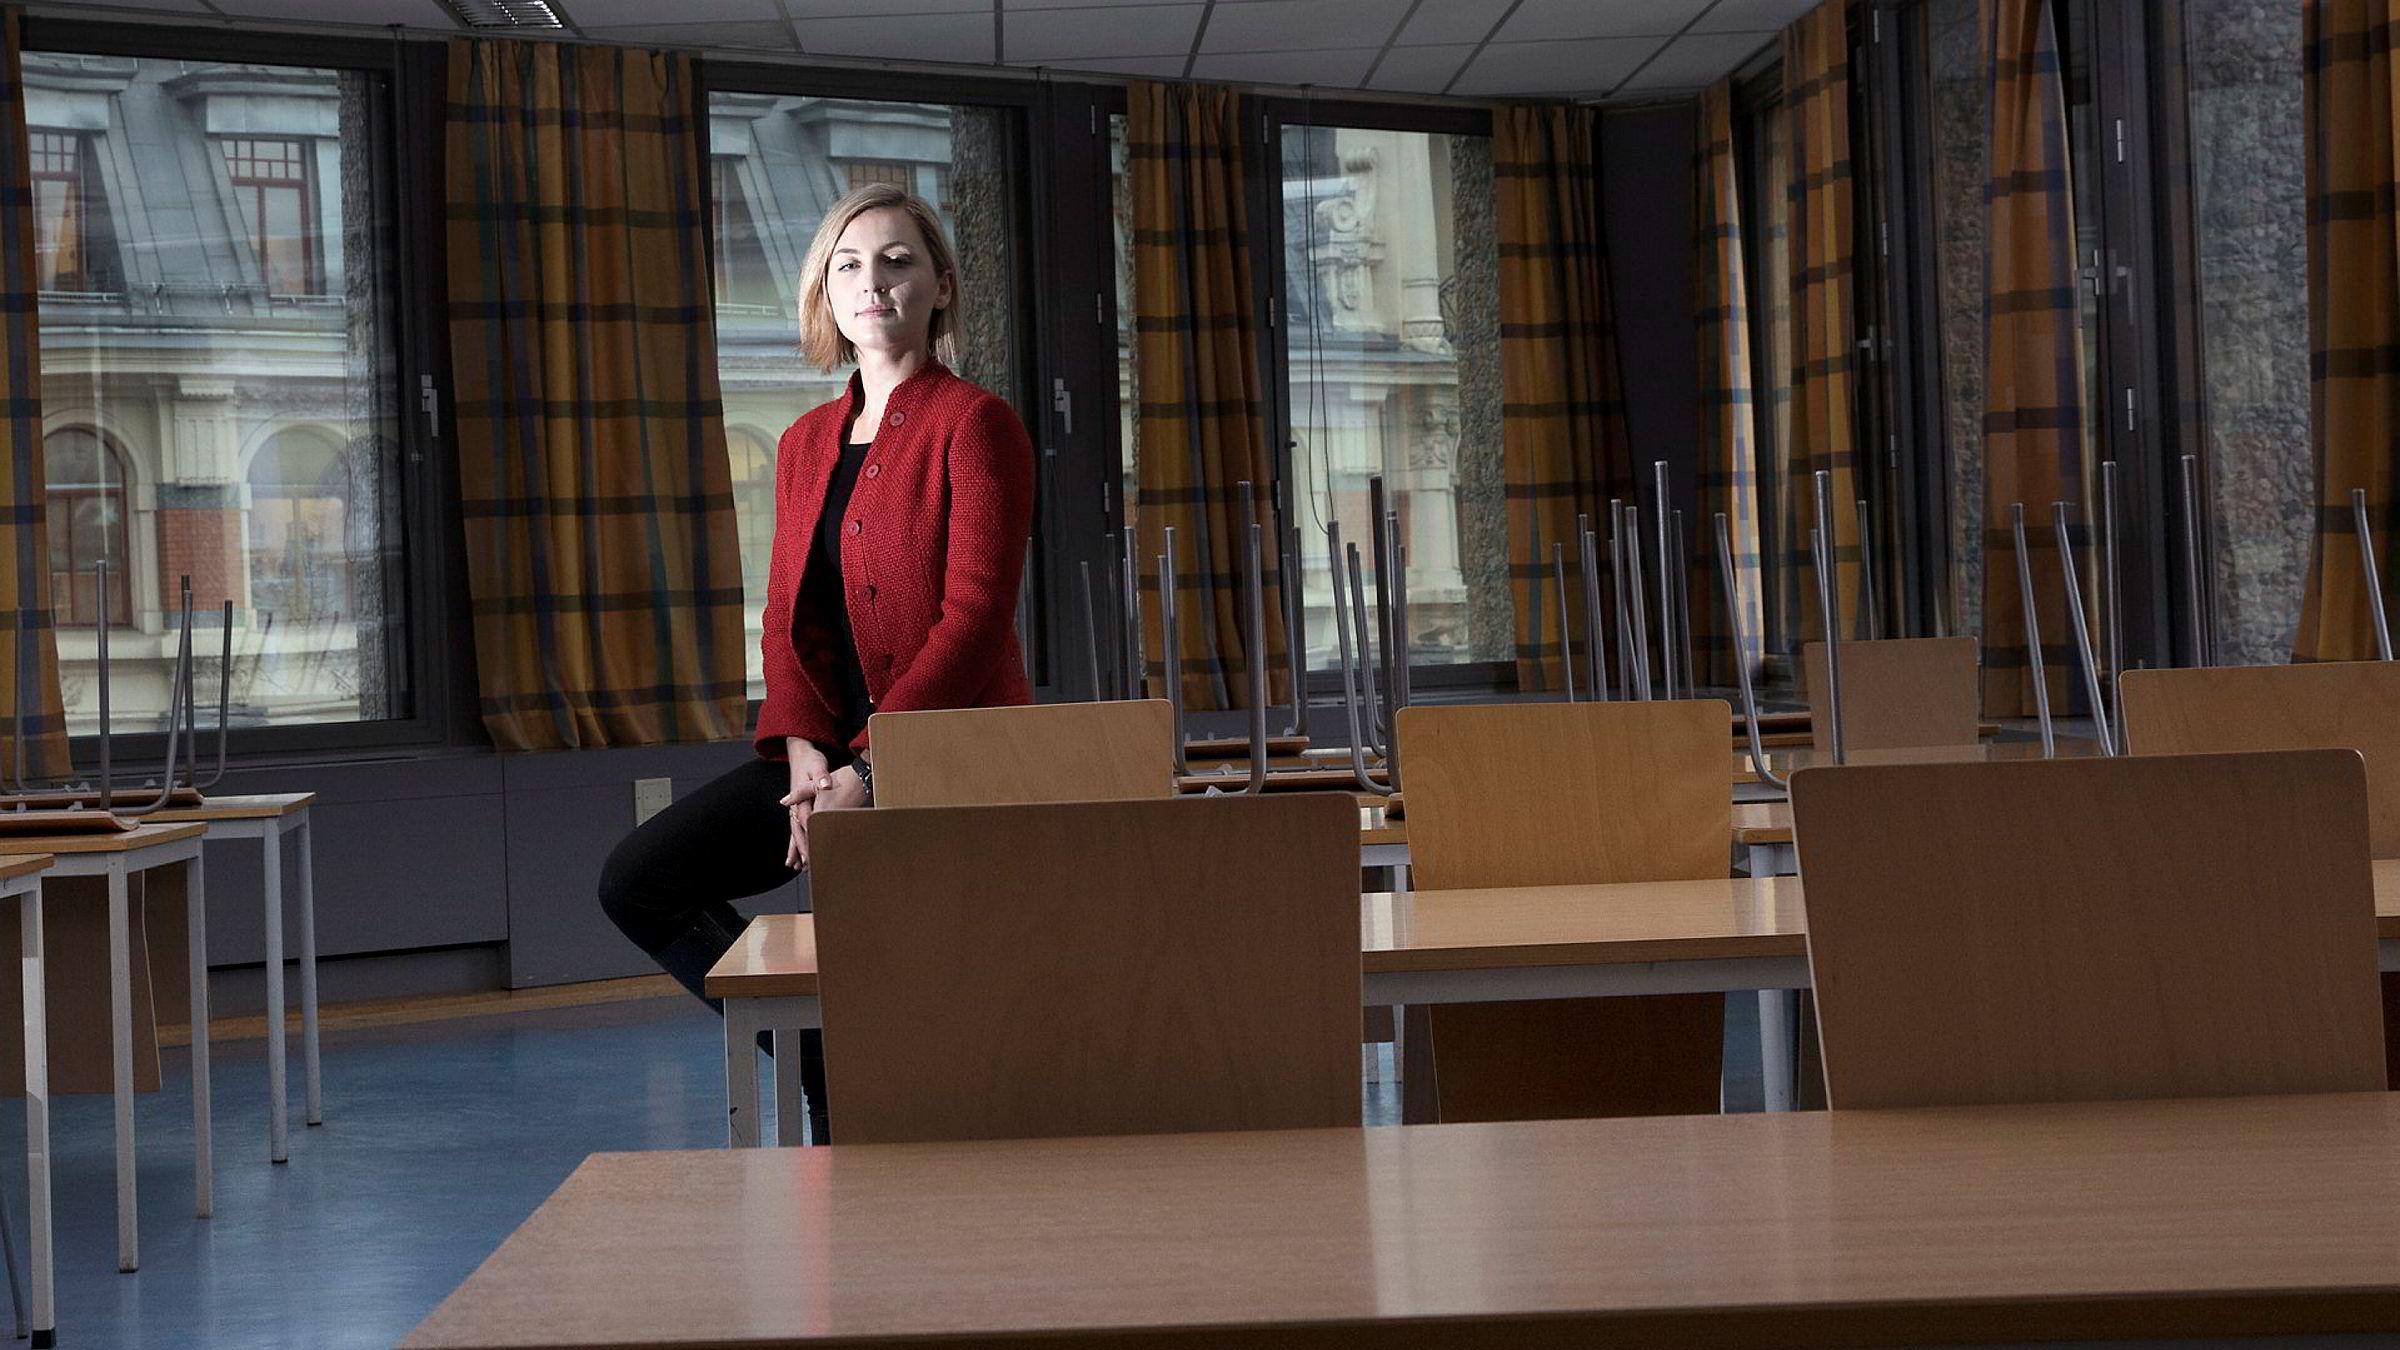 – Advokatfirmaene kan bli nødt til å slåss om de få juristene som orker å bli, i stedet for å slåss om de beste, sier jusstudent Pauline Sommerfelt Helle om arbeidspresset i advokatbransjen.